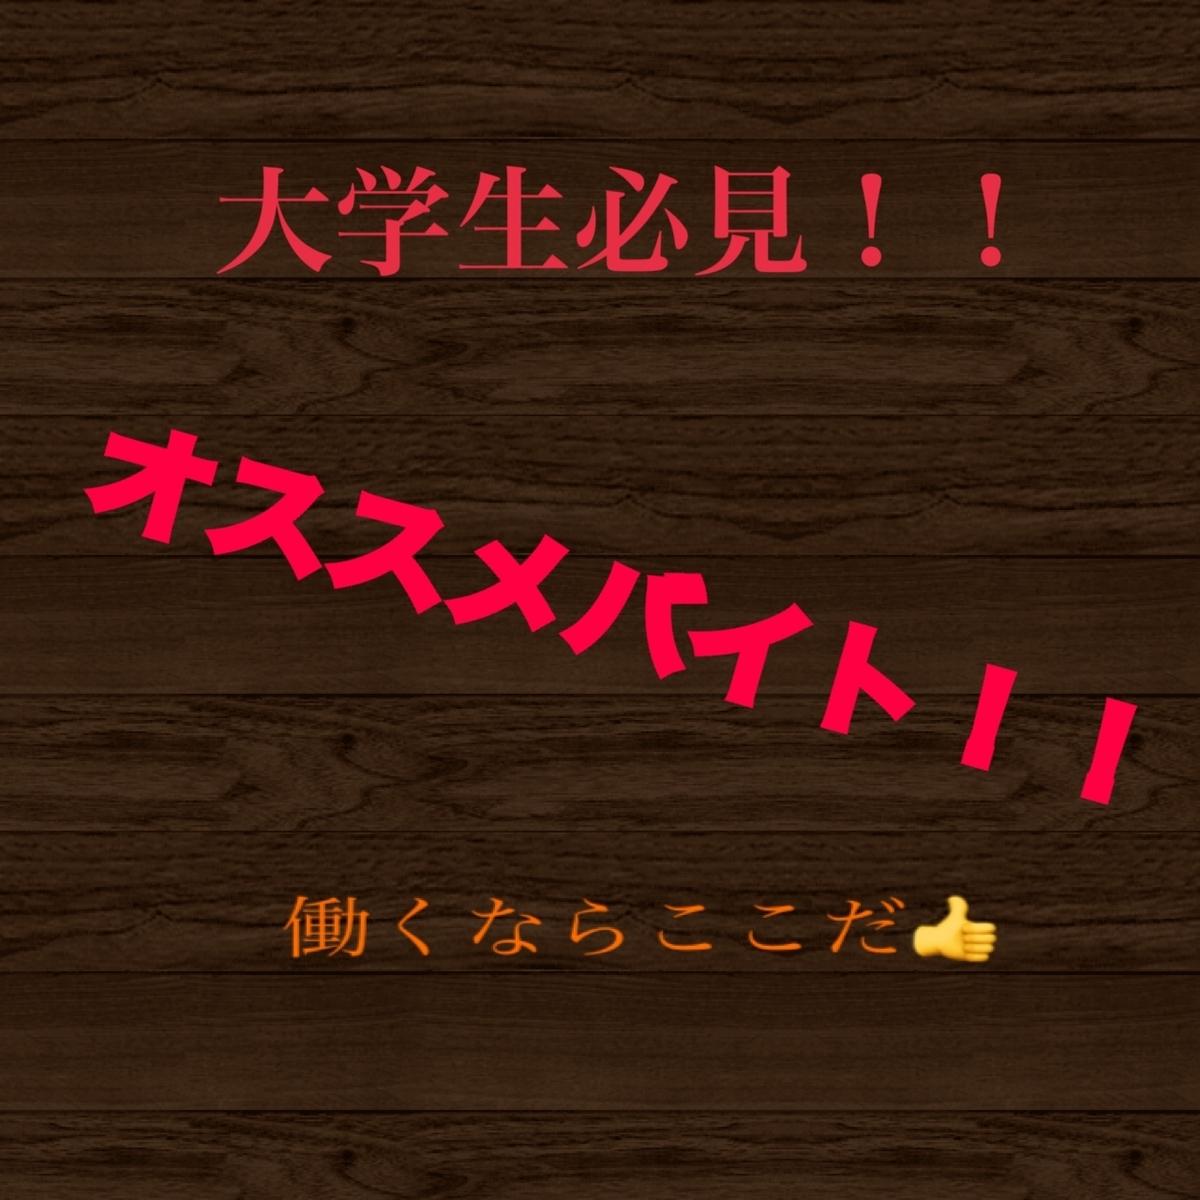 f:id:kaminoinoti:20190830161312j:plain